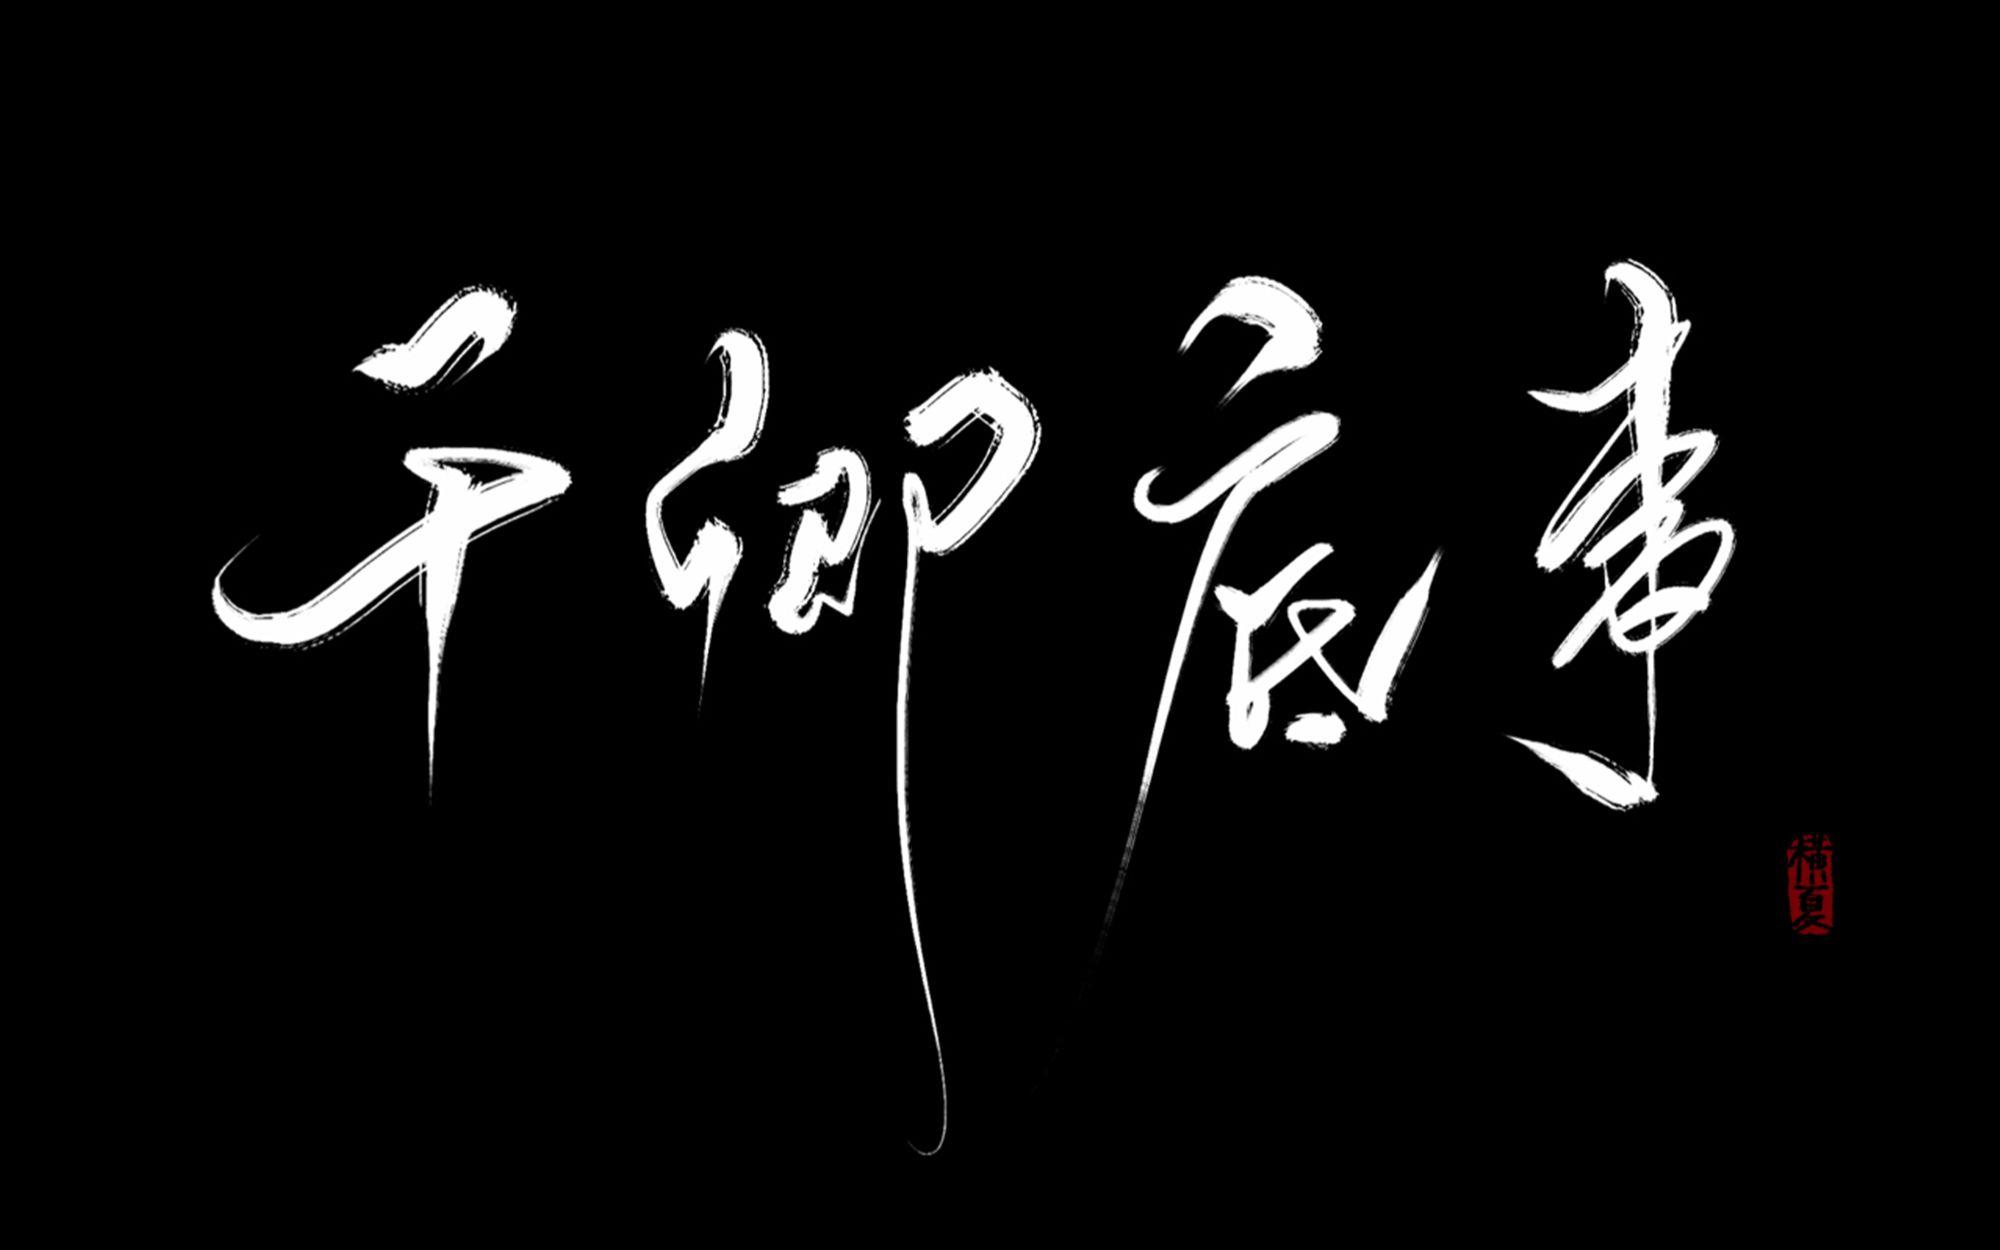 【軟妹攻】《干卿底事》by焦尾_嗶哩嗶哩 (゜-゜)つロ 干杯~-bilibili